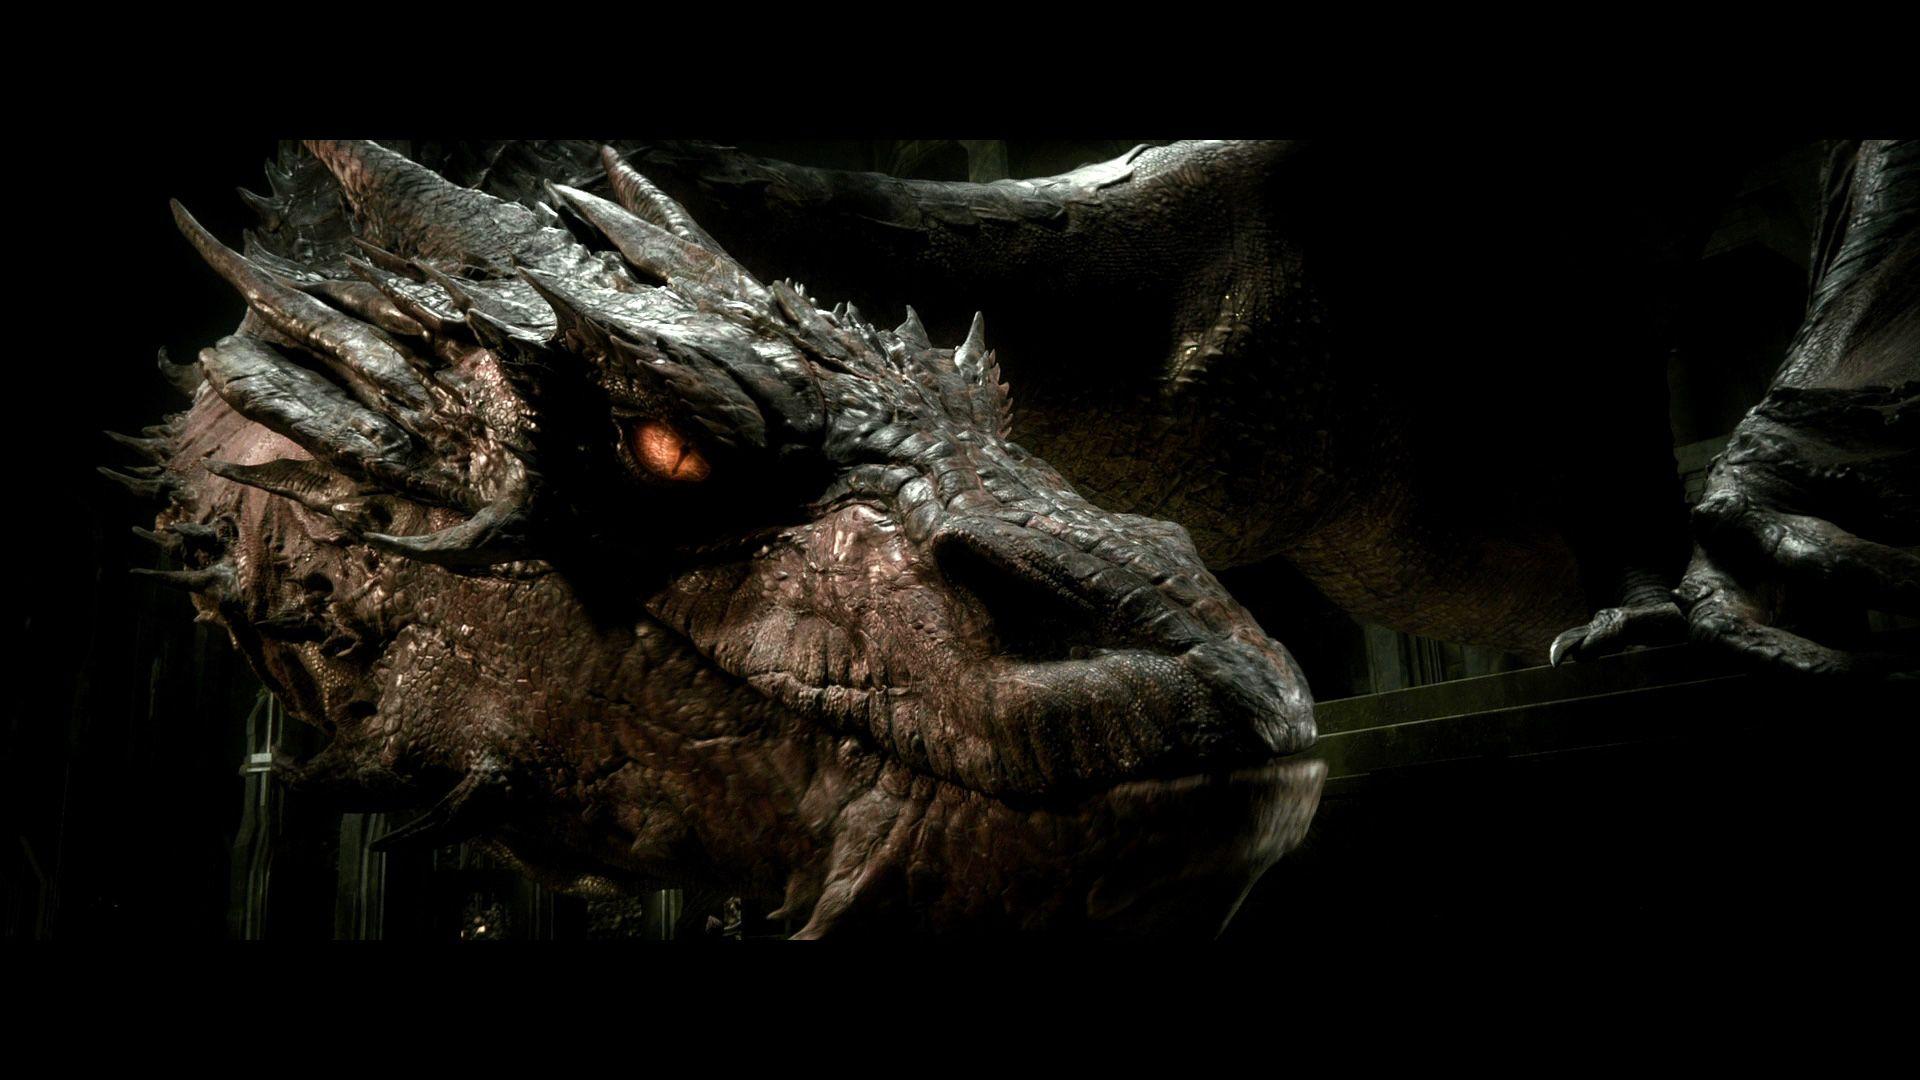 попросил мудрости, картинки дракона из властелина колец закопайте перекрестке